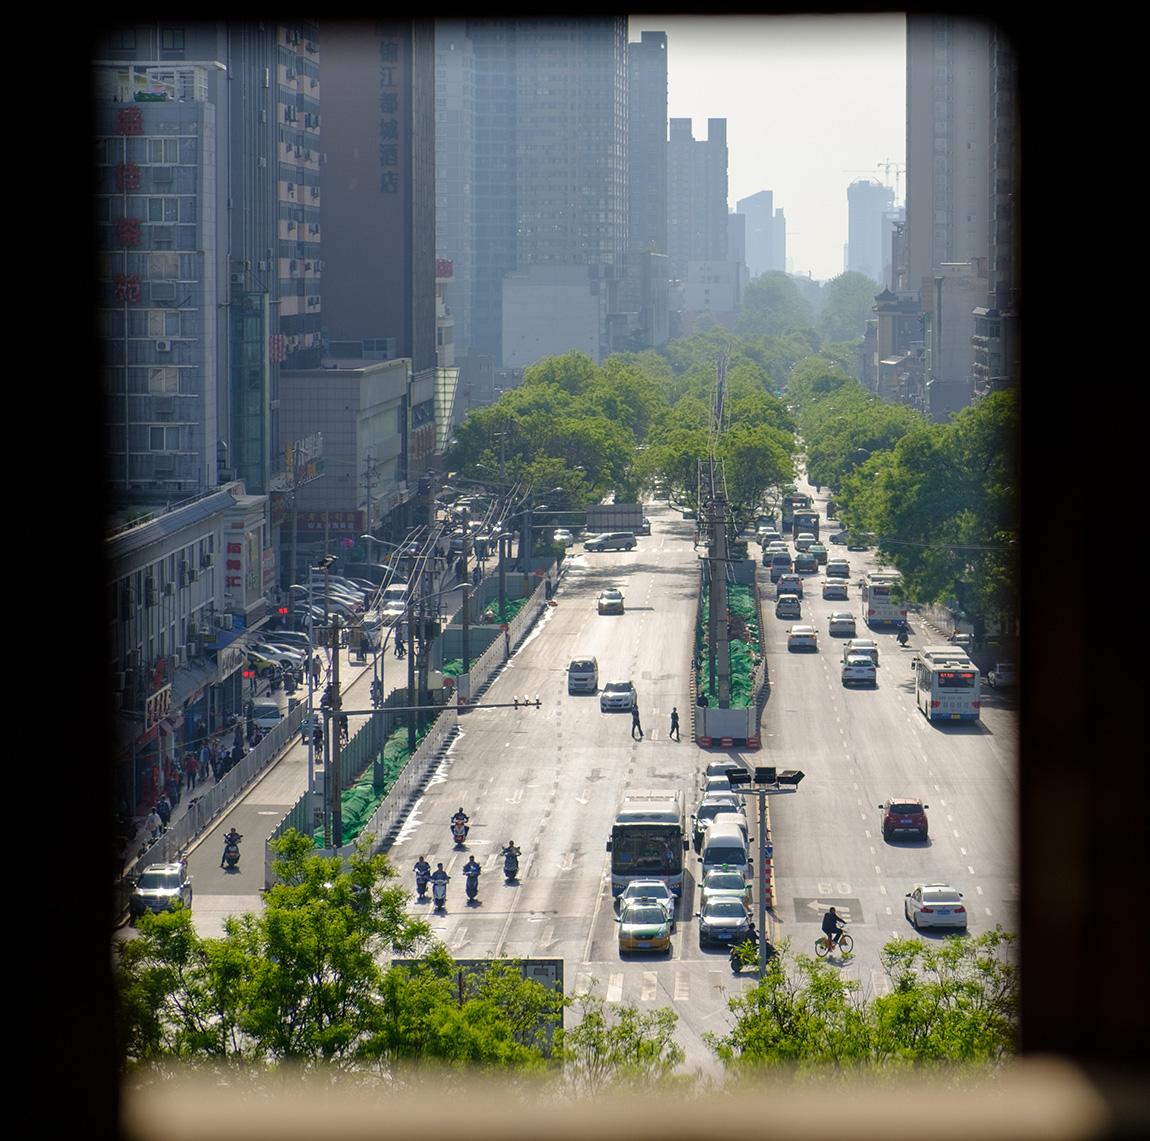 【西安北京旅行】シルクロードの起点「安定門」 そこは天空の城でした